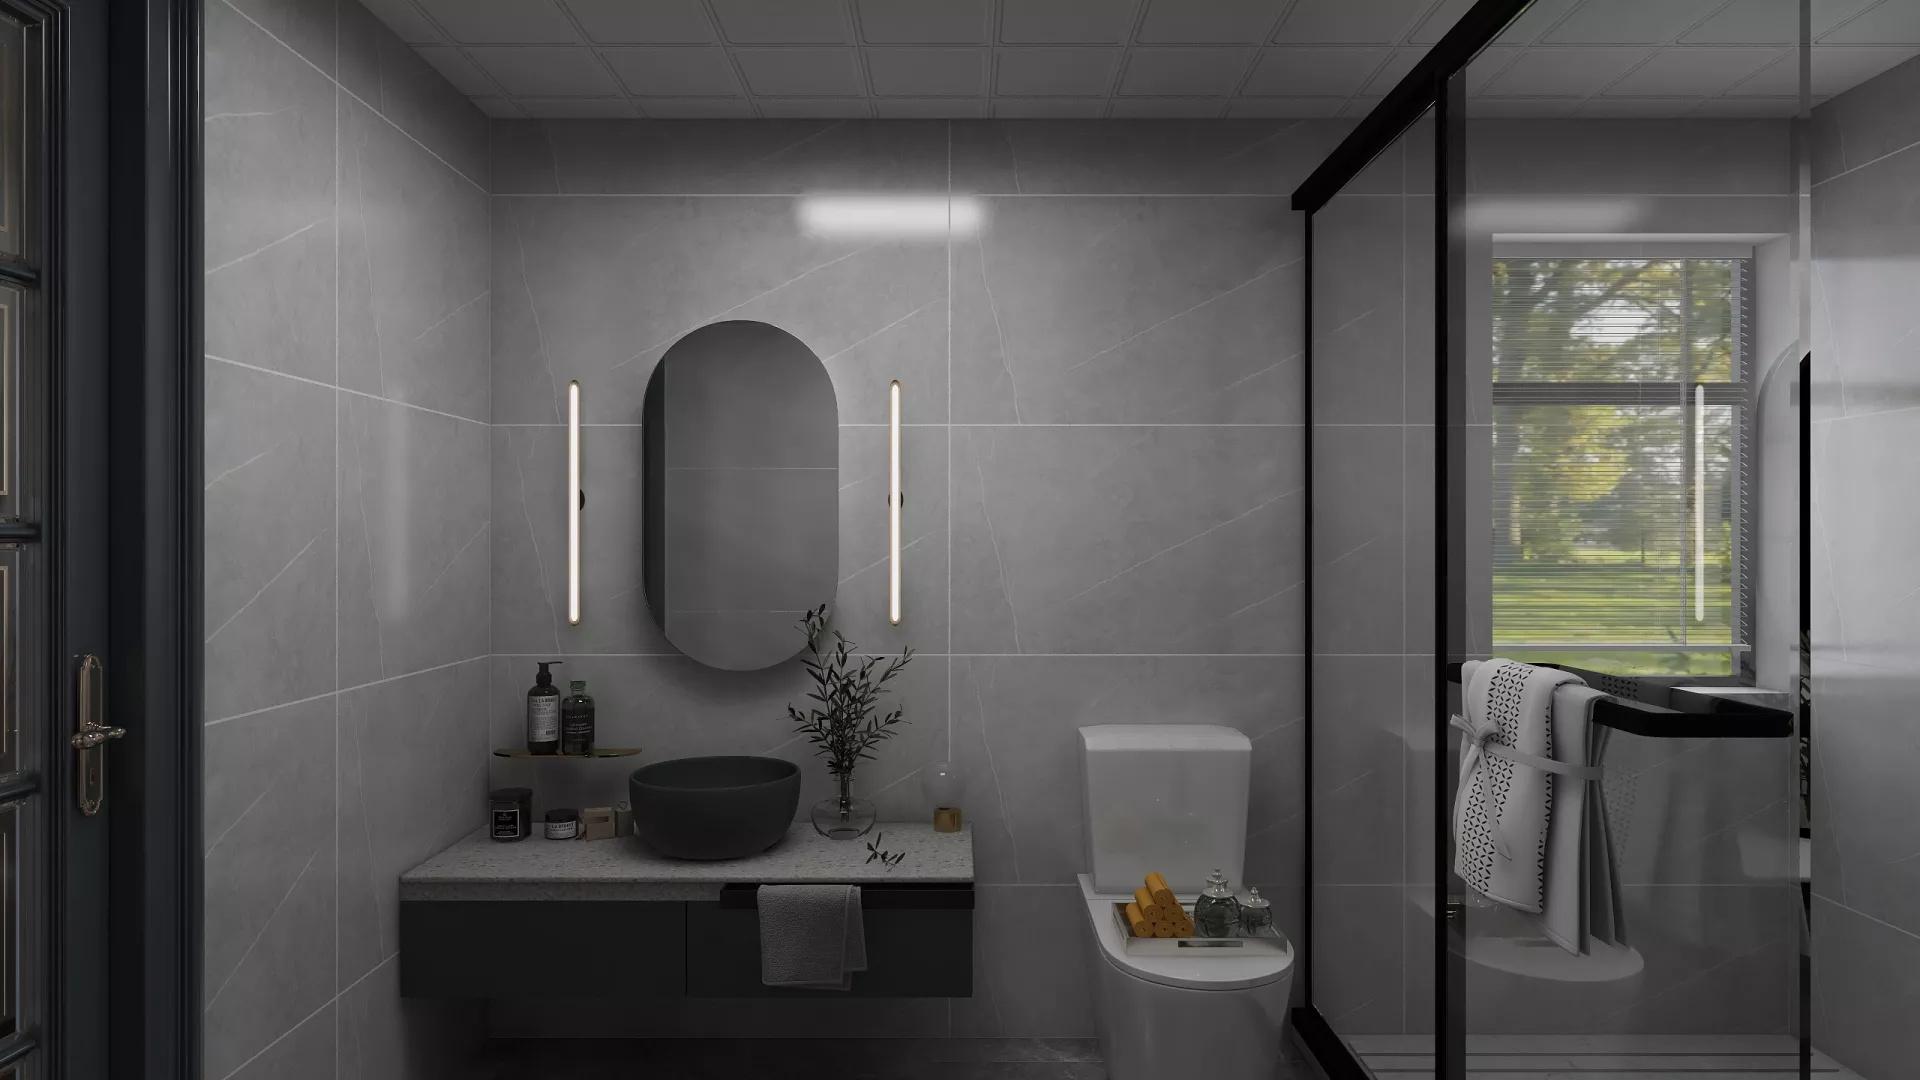 宜家风格富裕大气型客厅装修效果图